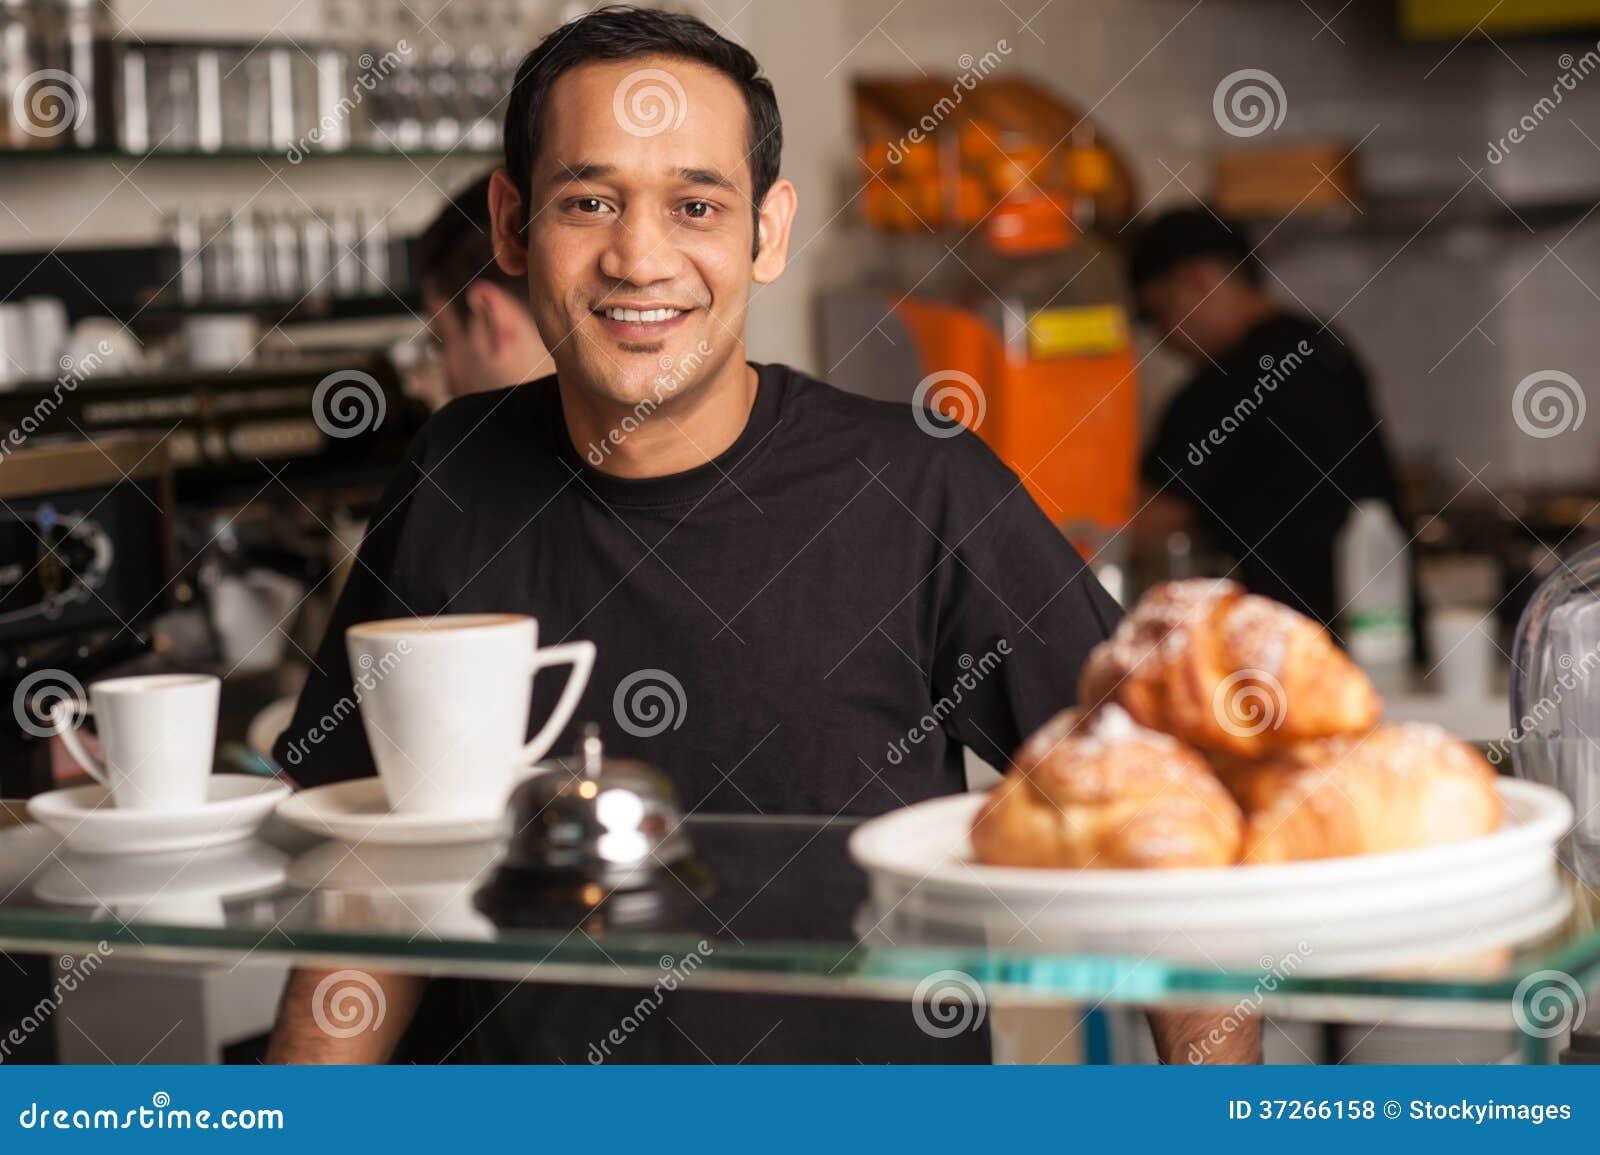 personnel actif dans la cuisine de restaurant photos libres de droits image 37266158. Black Bedroom Furniture Sets. Home Design Ideas